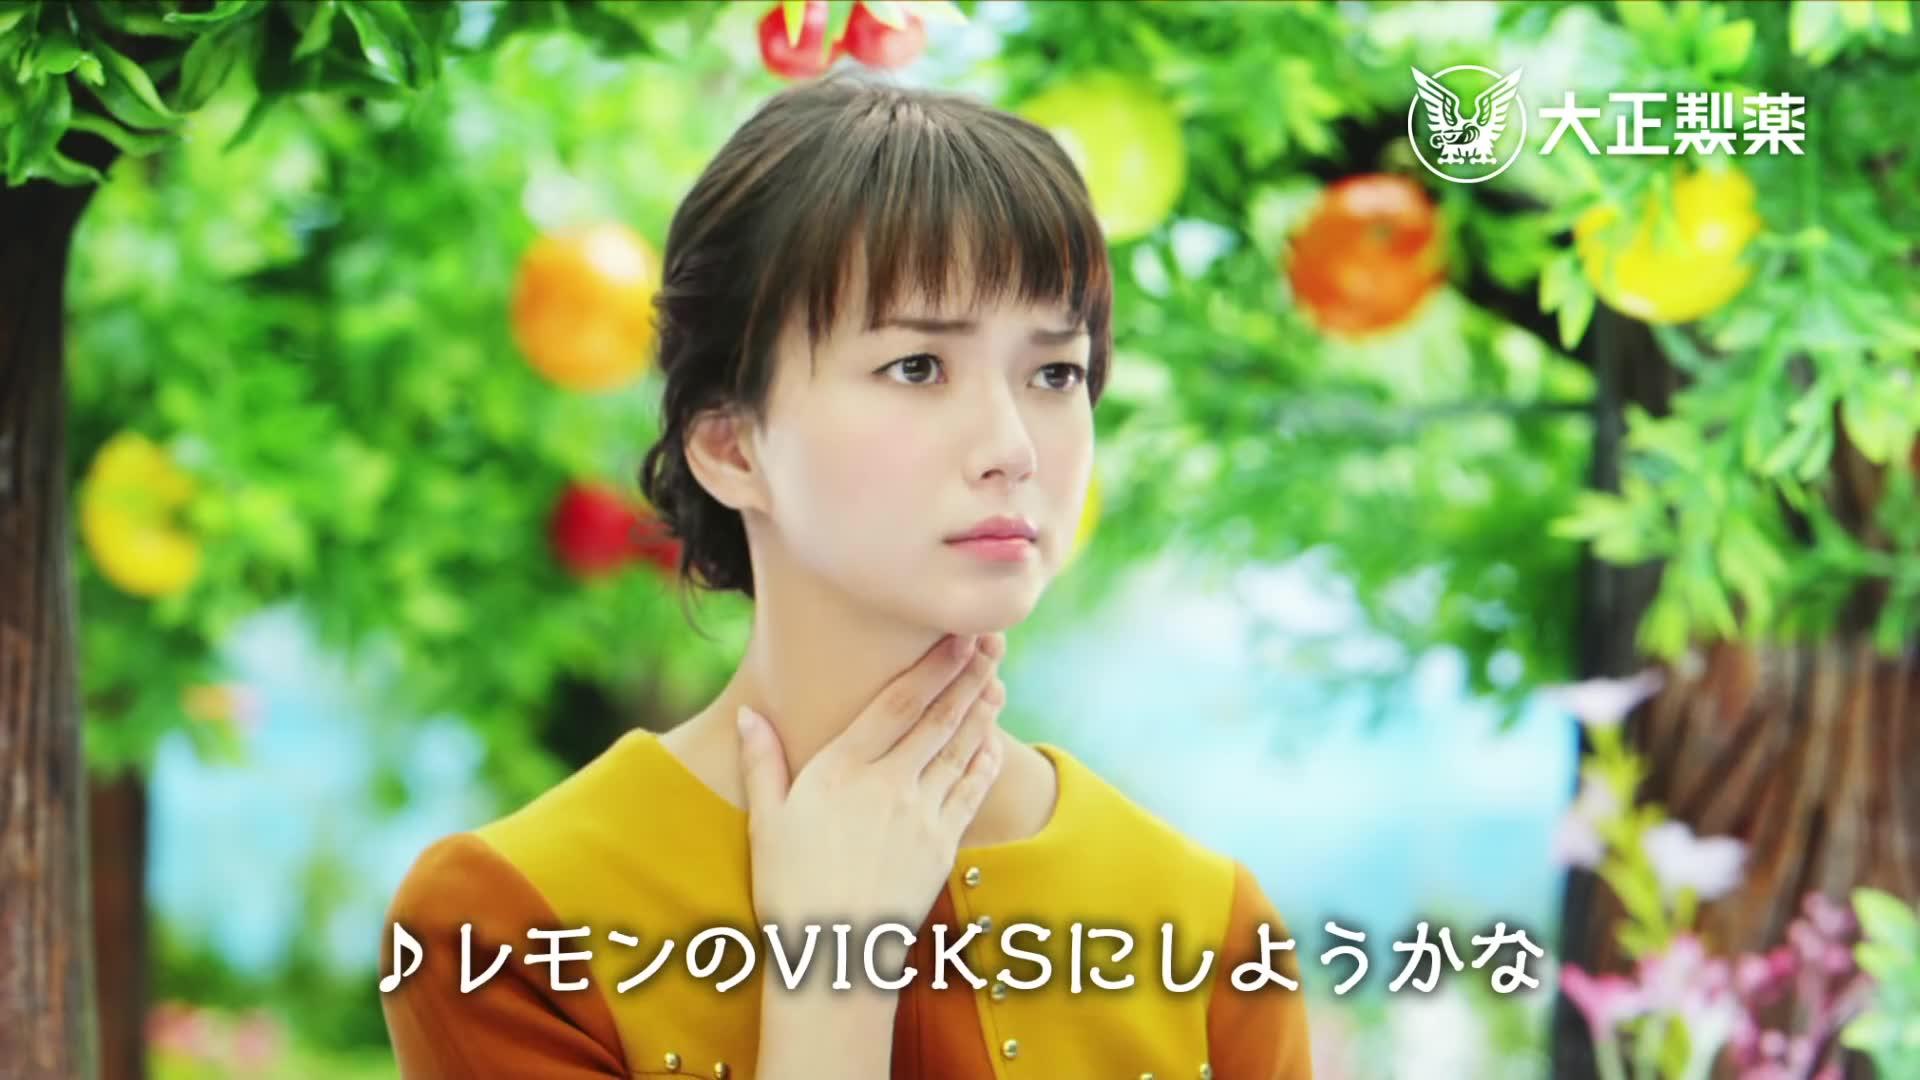 多部未华子大正制药 Vicks 广告 52donghua Net